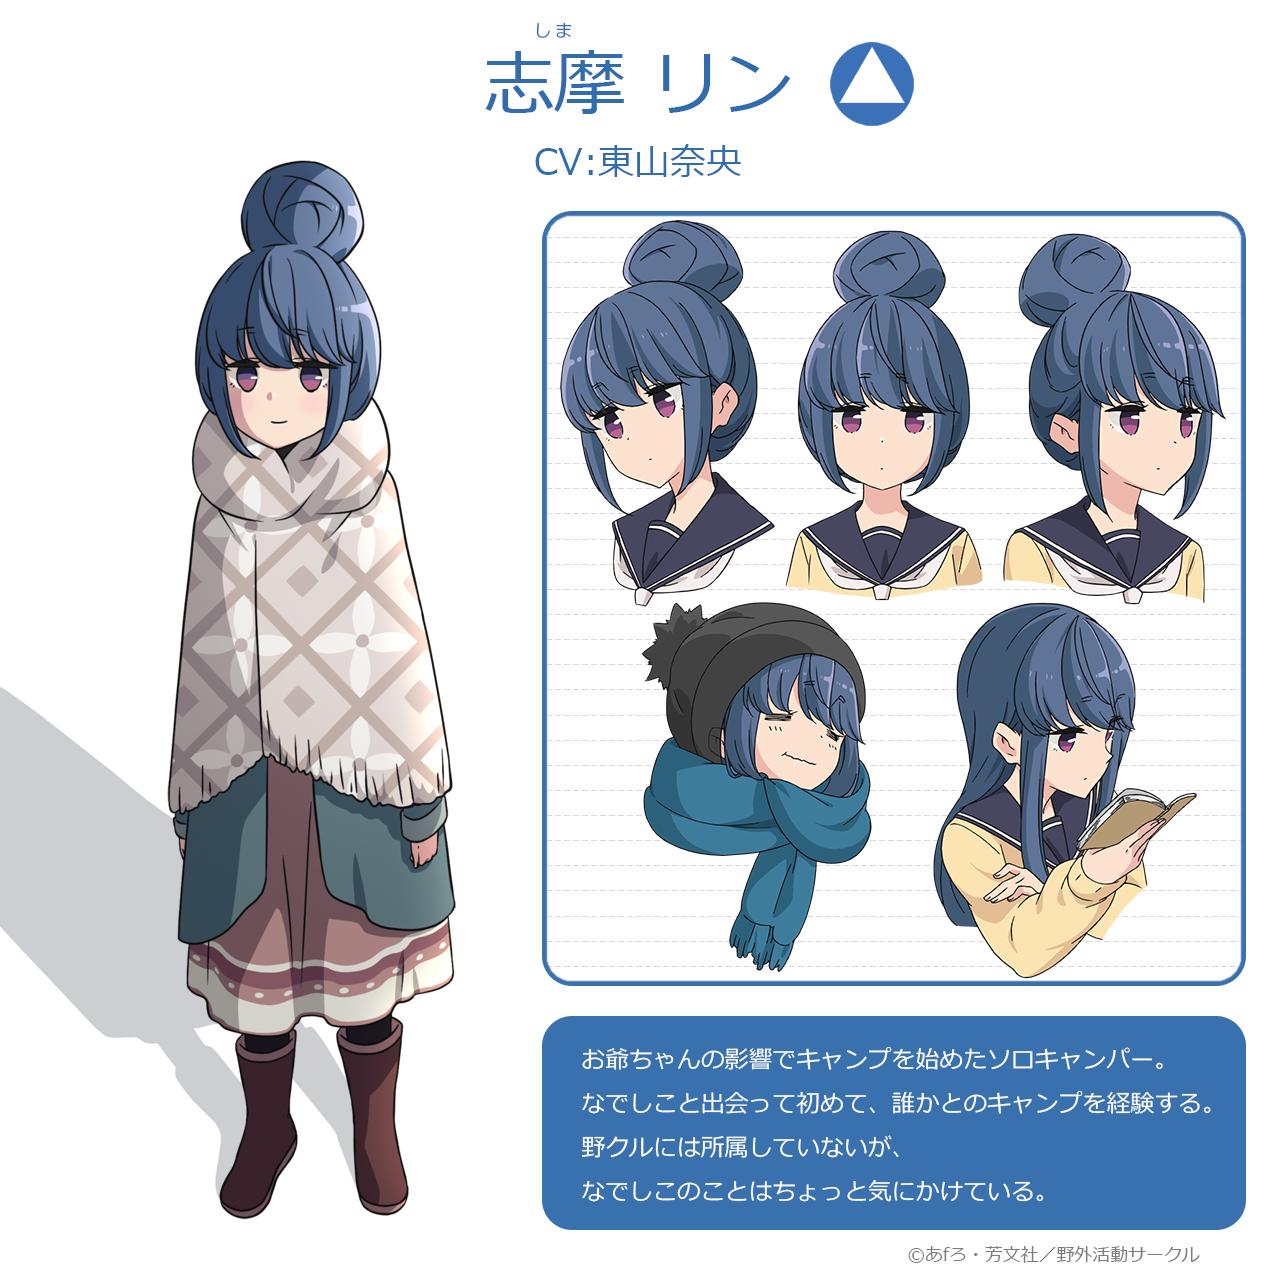 Rin Shima Yuru Camp Wiki Fandom